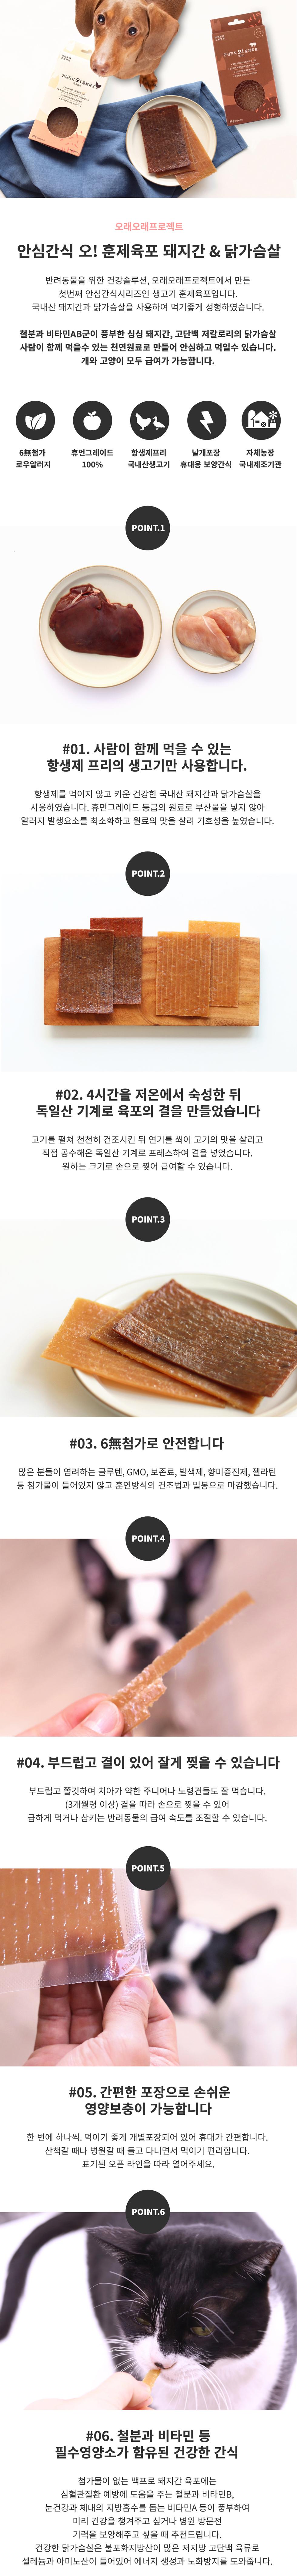 안심간식 오 훈제육포 닭가슴살 4개입 (80g) - 오래오래 프로젝트, 6,000원, 간식/영양제, 수제간식